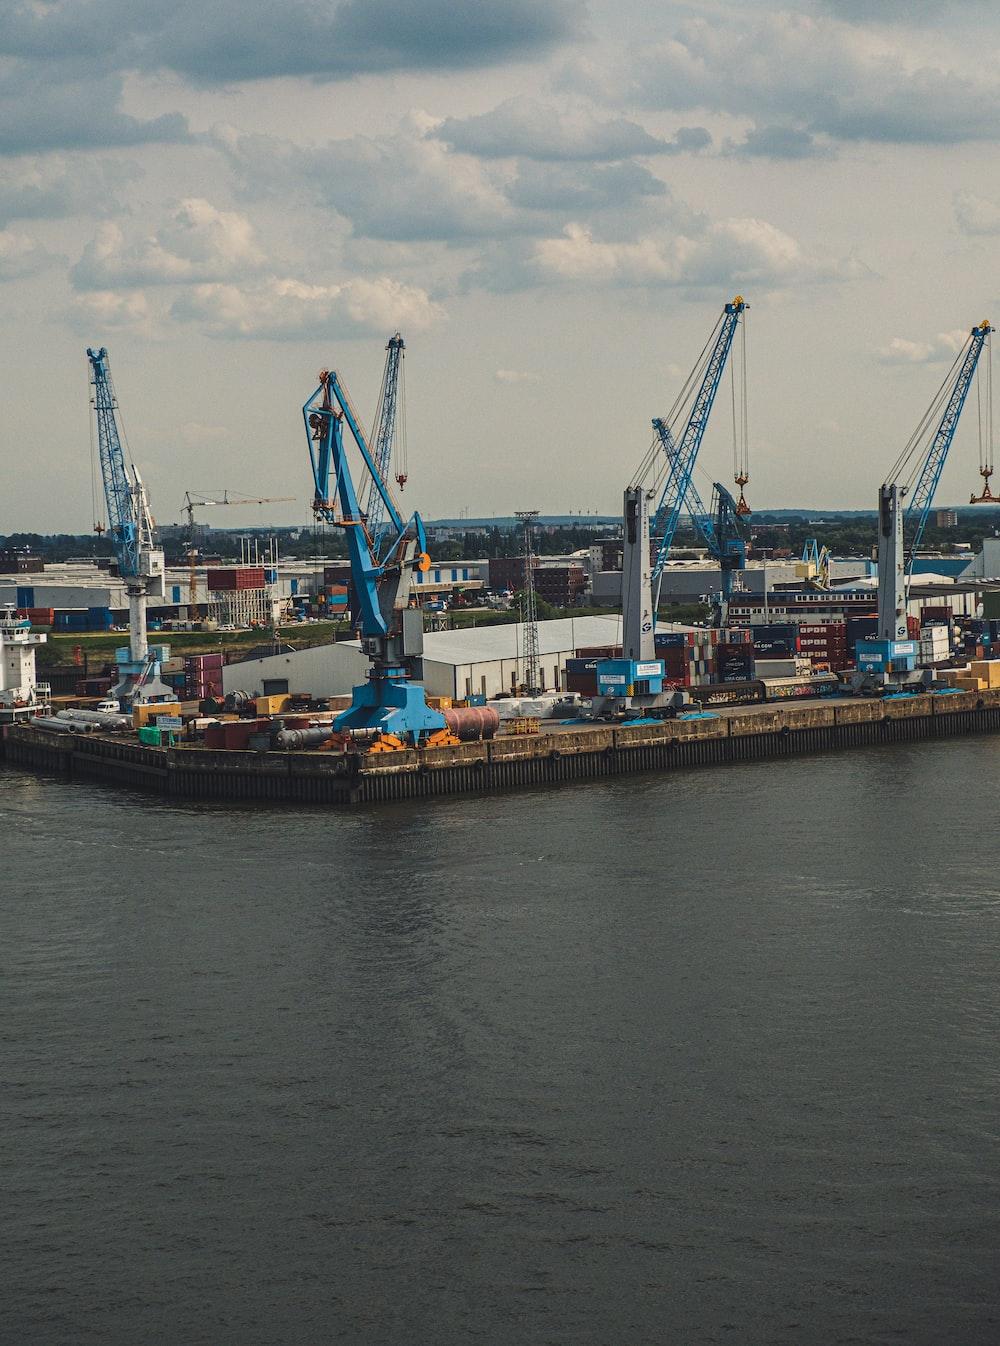 blue metal cranes at a dock